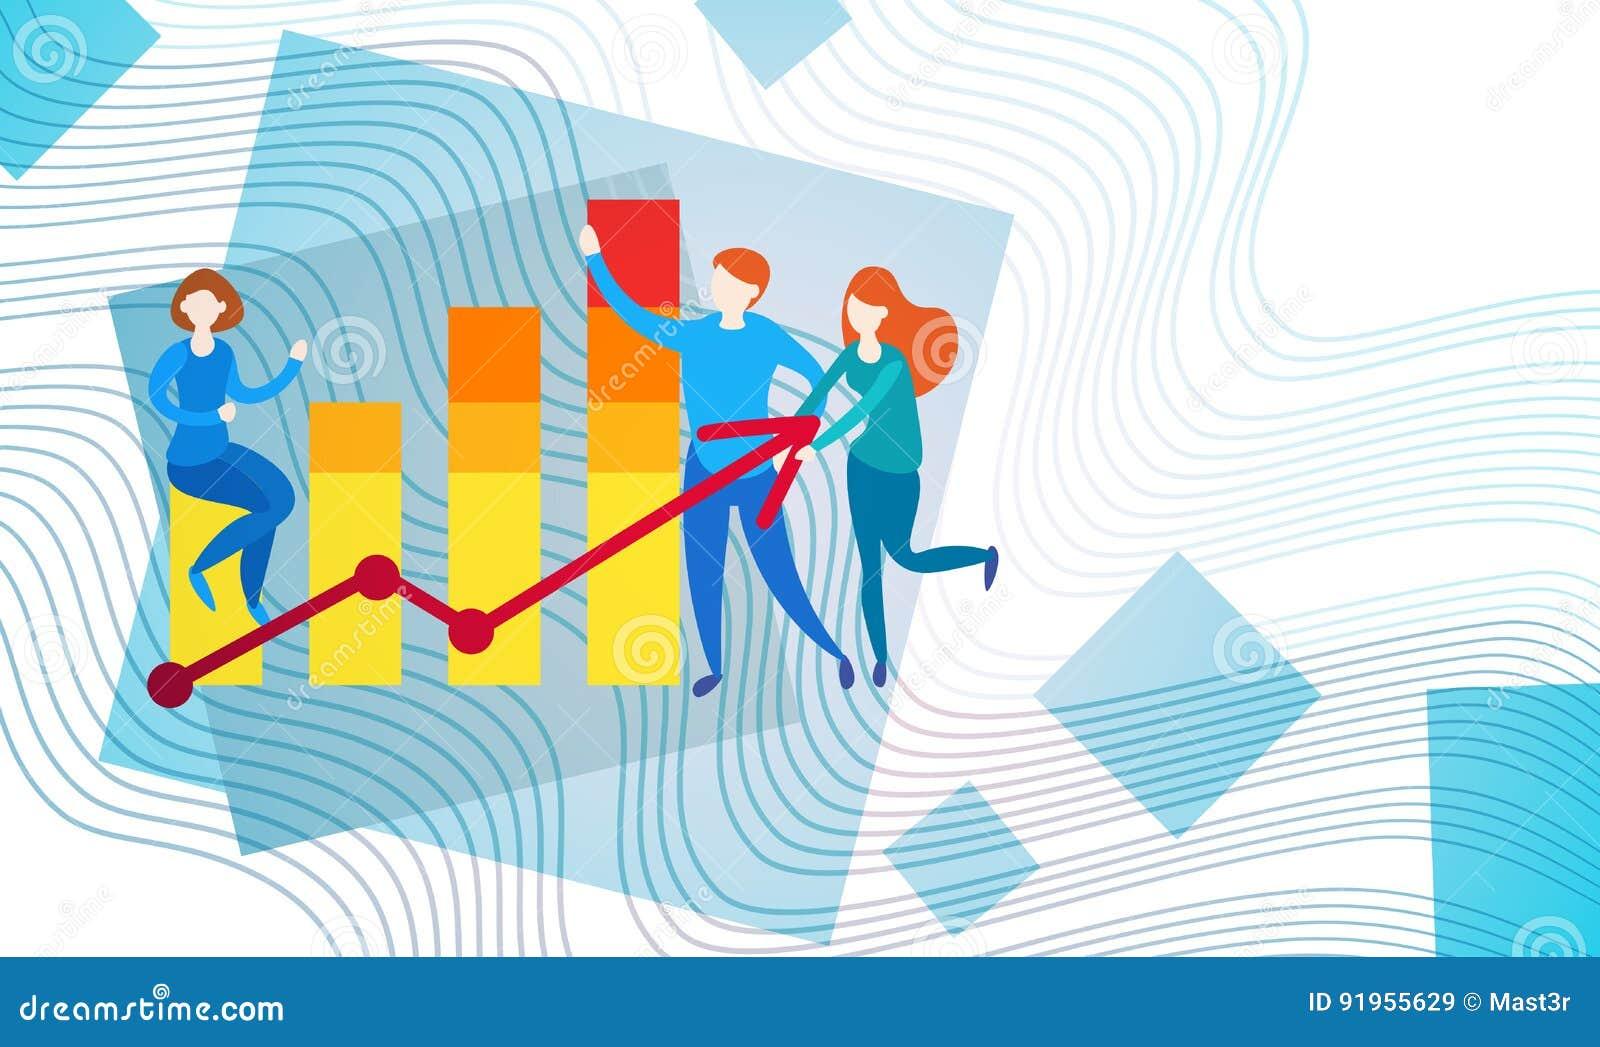 Gráfico financiero del análisis de Finance Business Data del contable de actividades bancarias de los empresarios